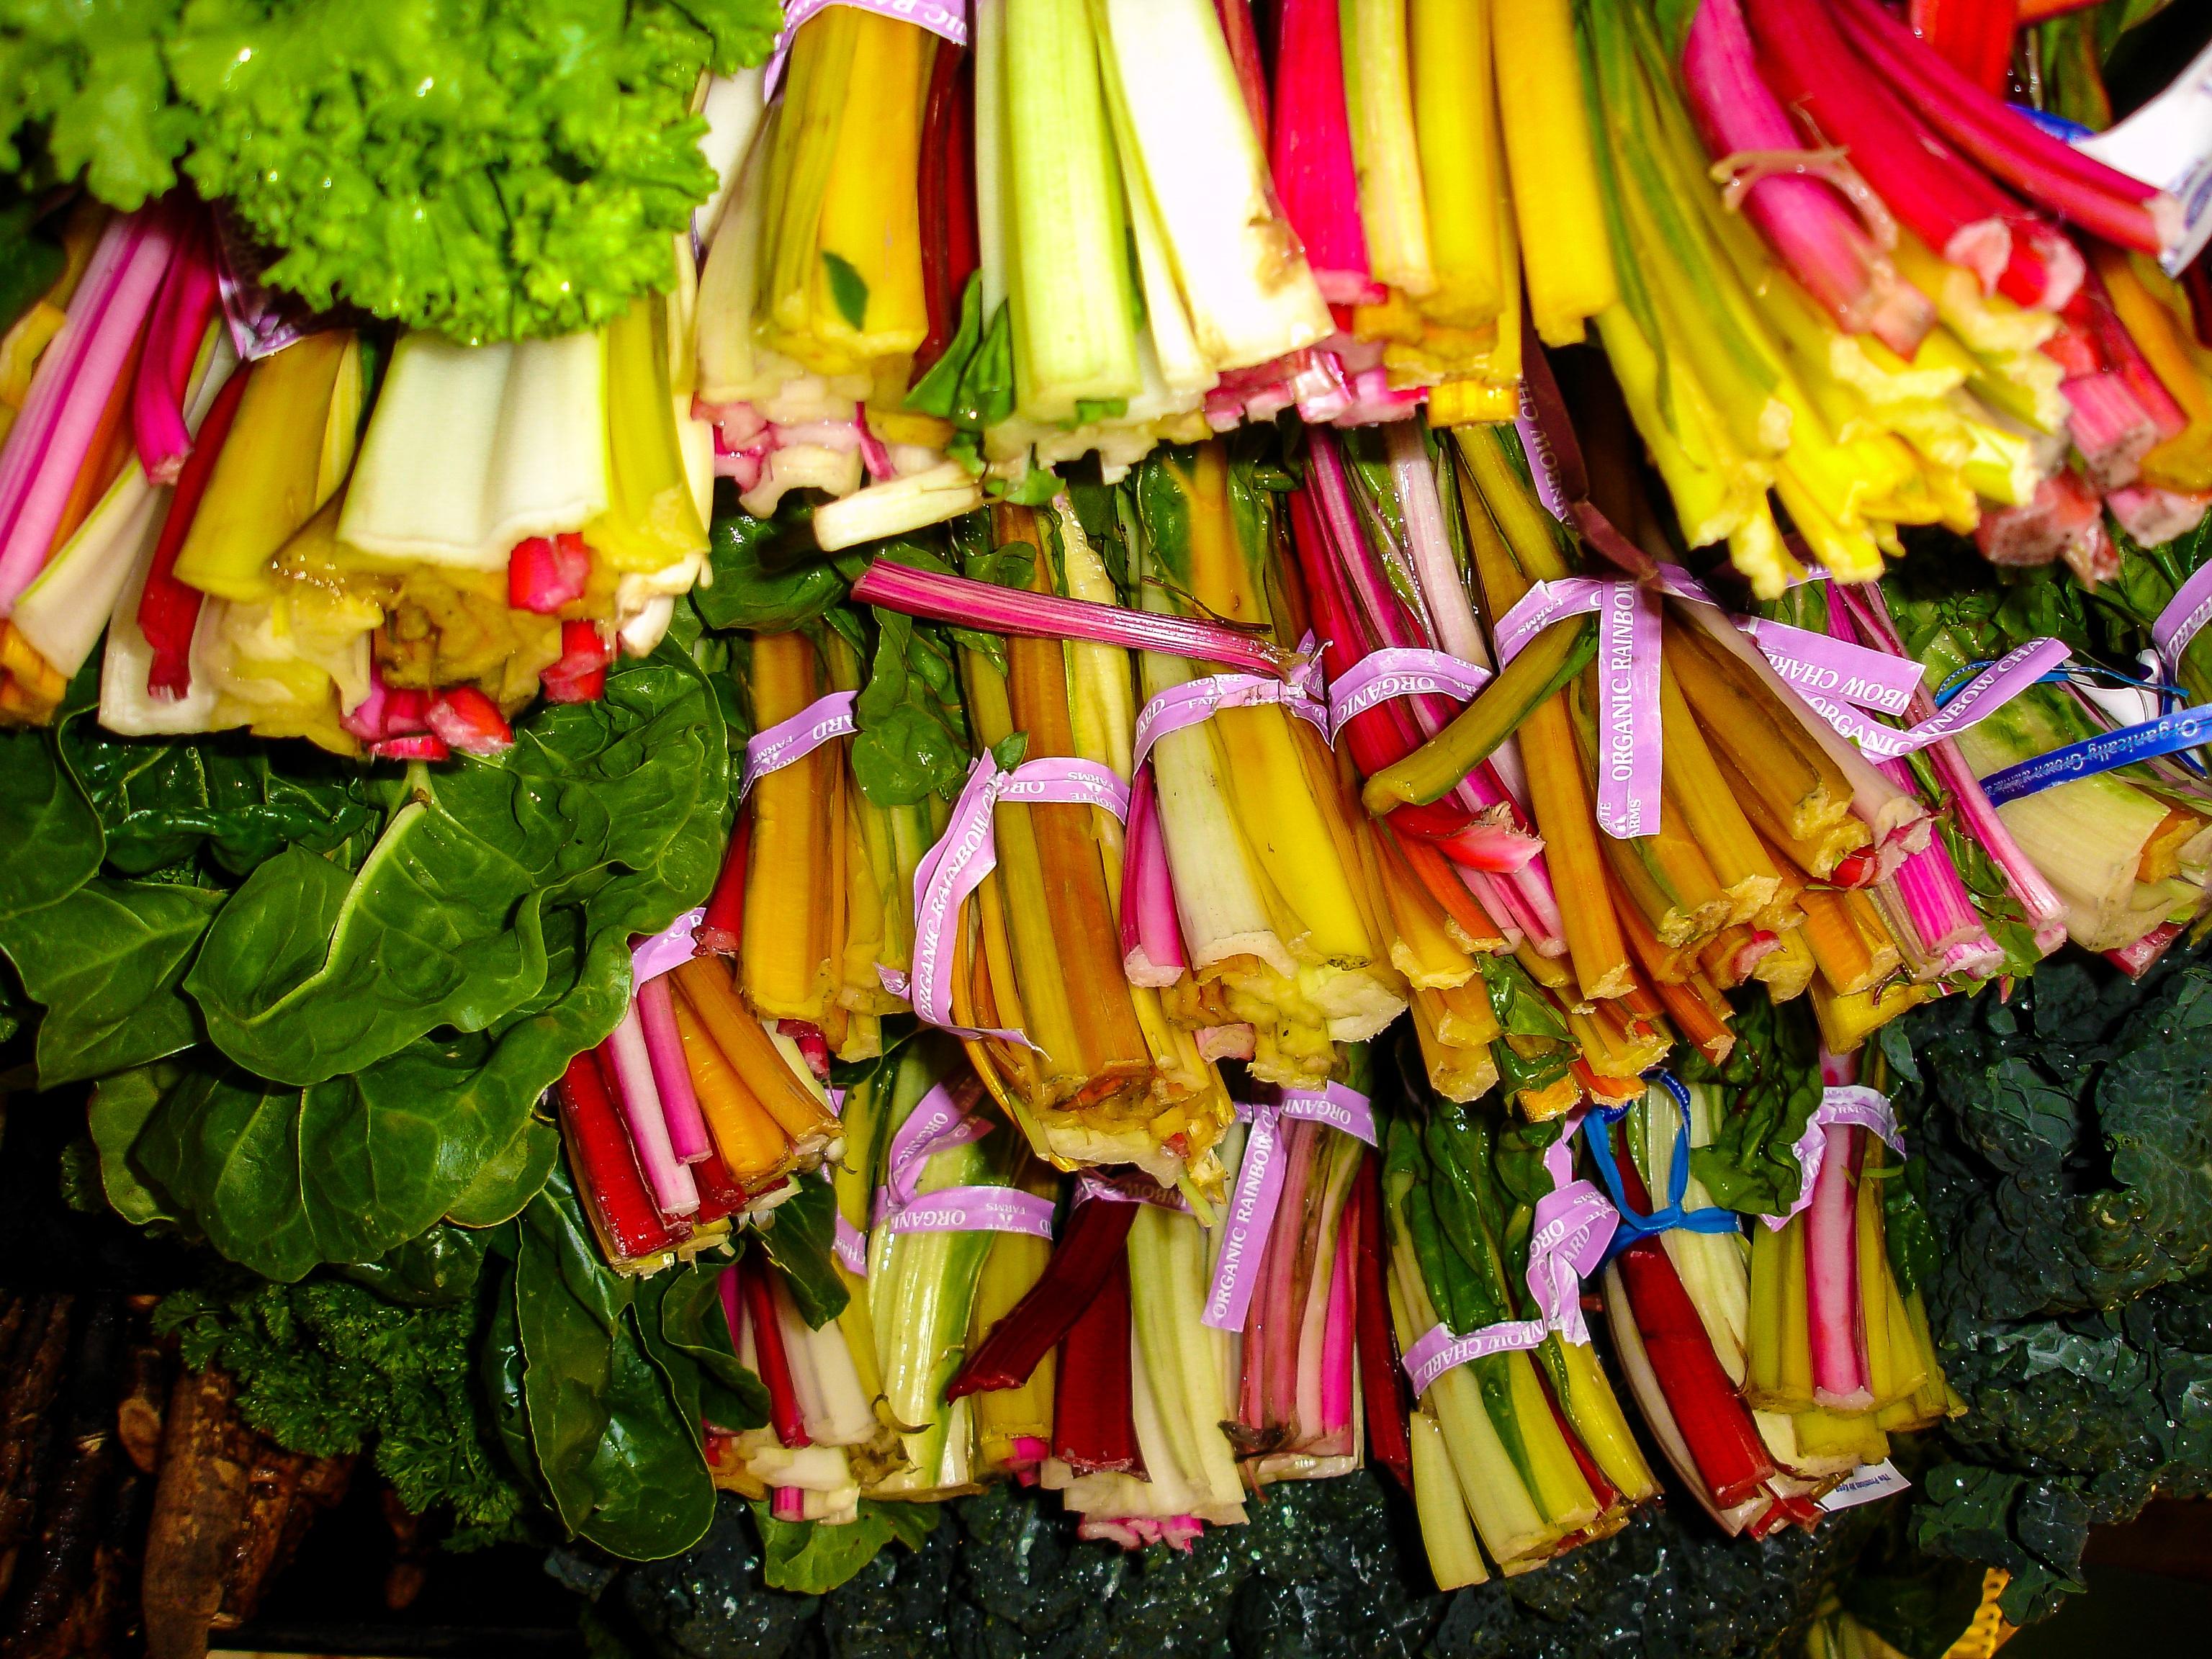 Fotos gratis : flor, verano, comida, Produce, vegetal, color ...